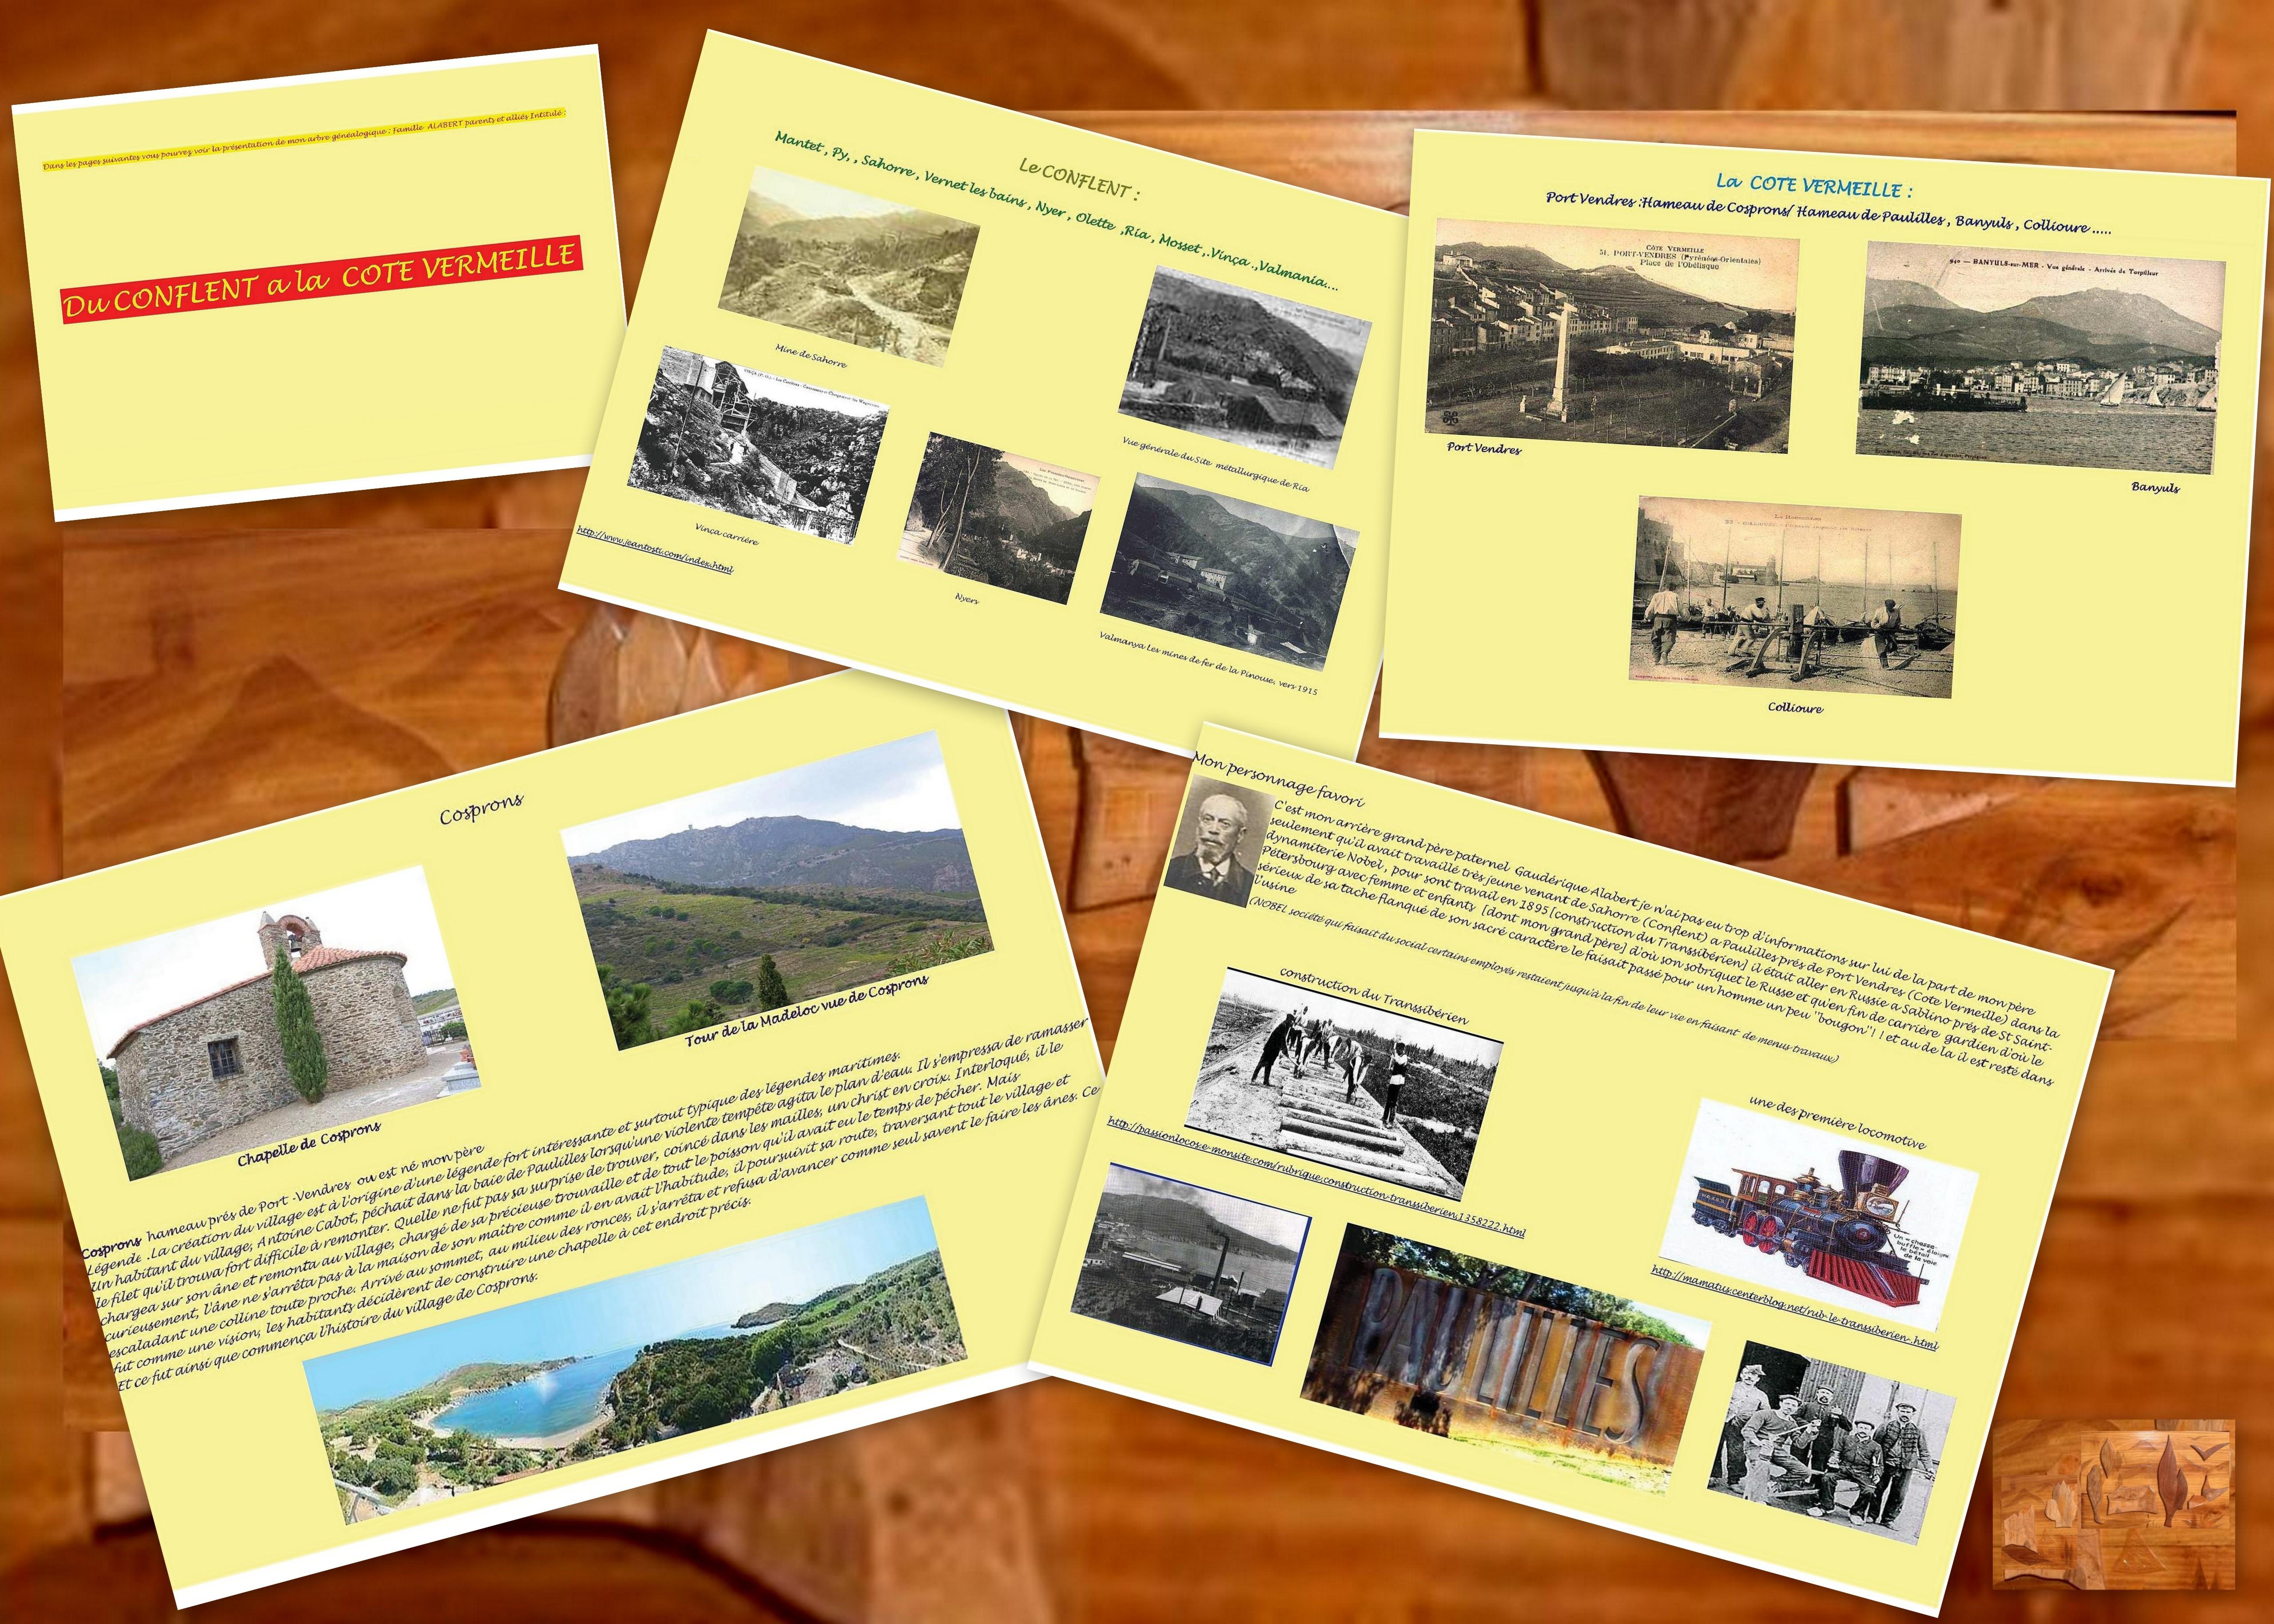 Chronologie_et_Presentation_de_ma_Genealogie_Du_Conflent_a_la_cote_Vermeille_N_1.jpg